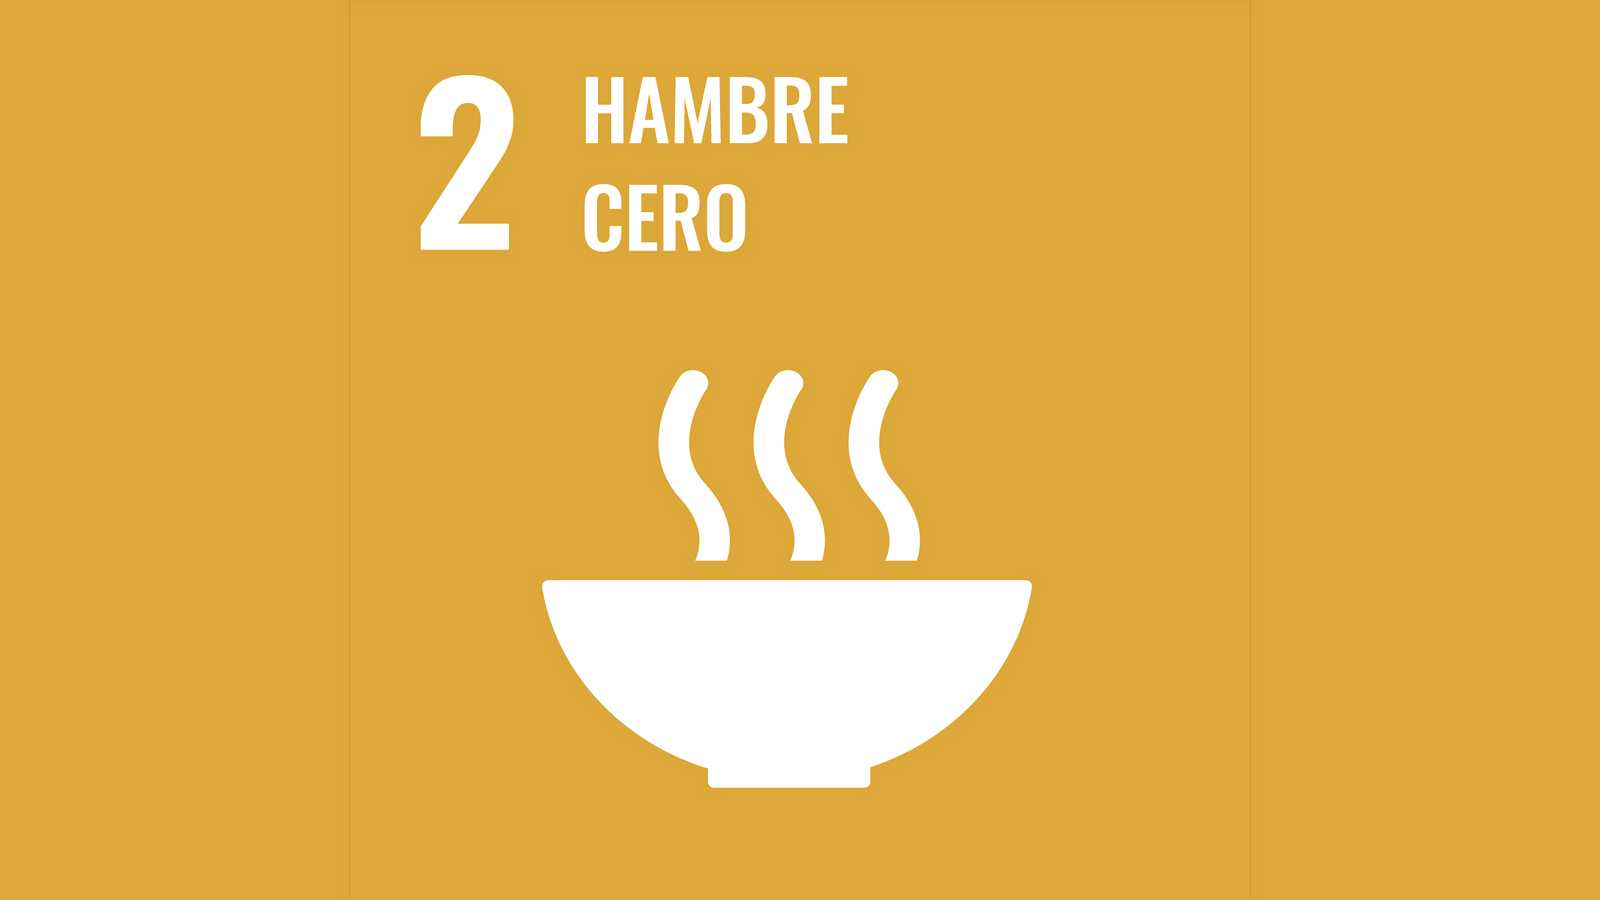 Objetivo de desarrollo sostenible 2